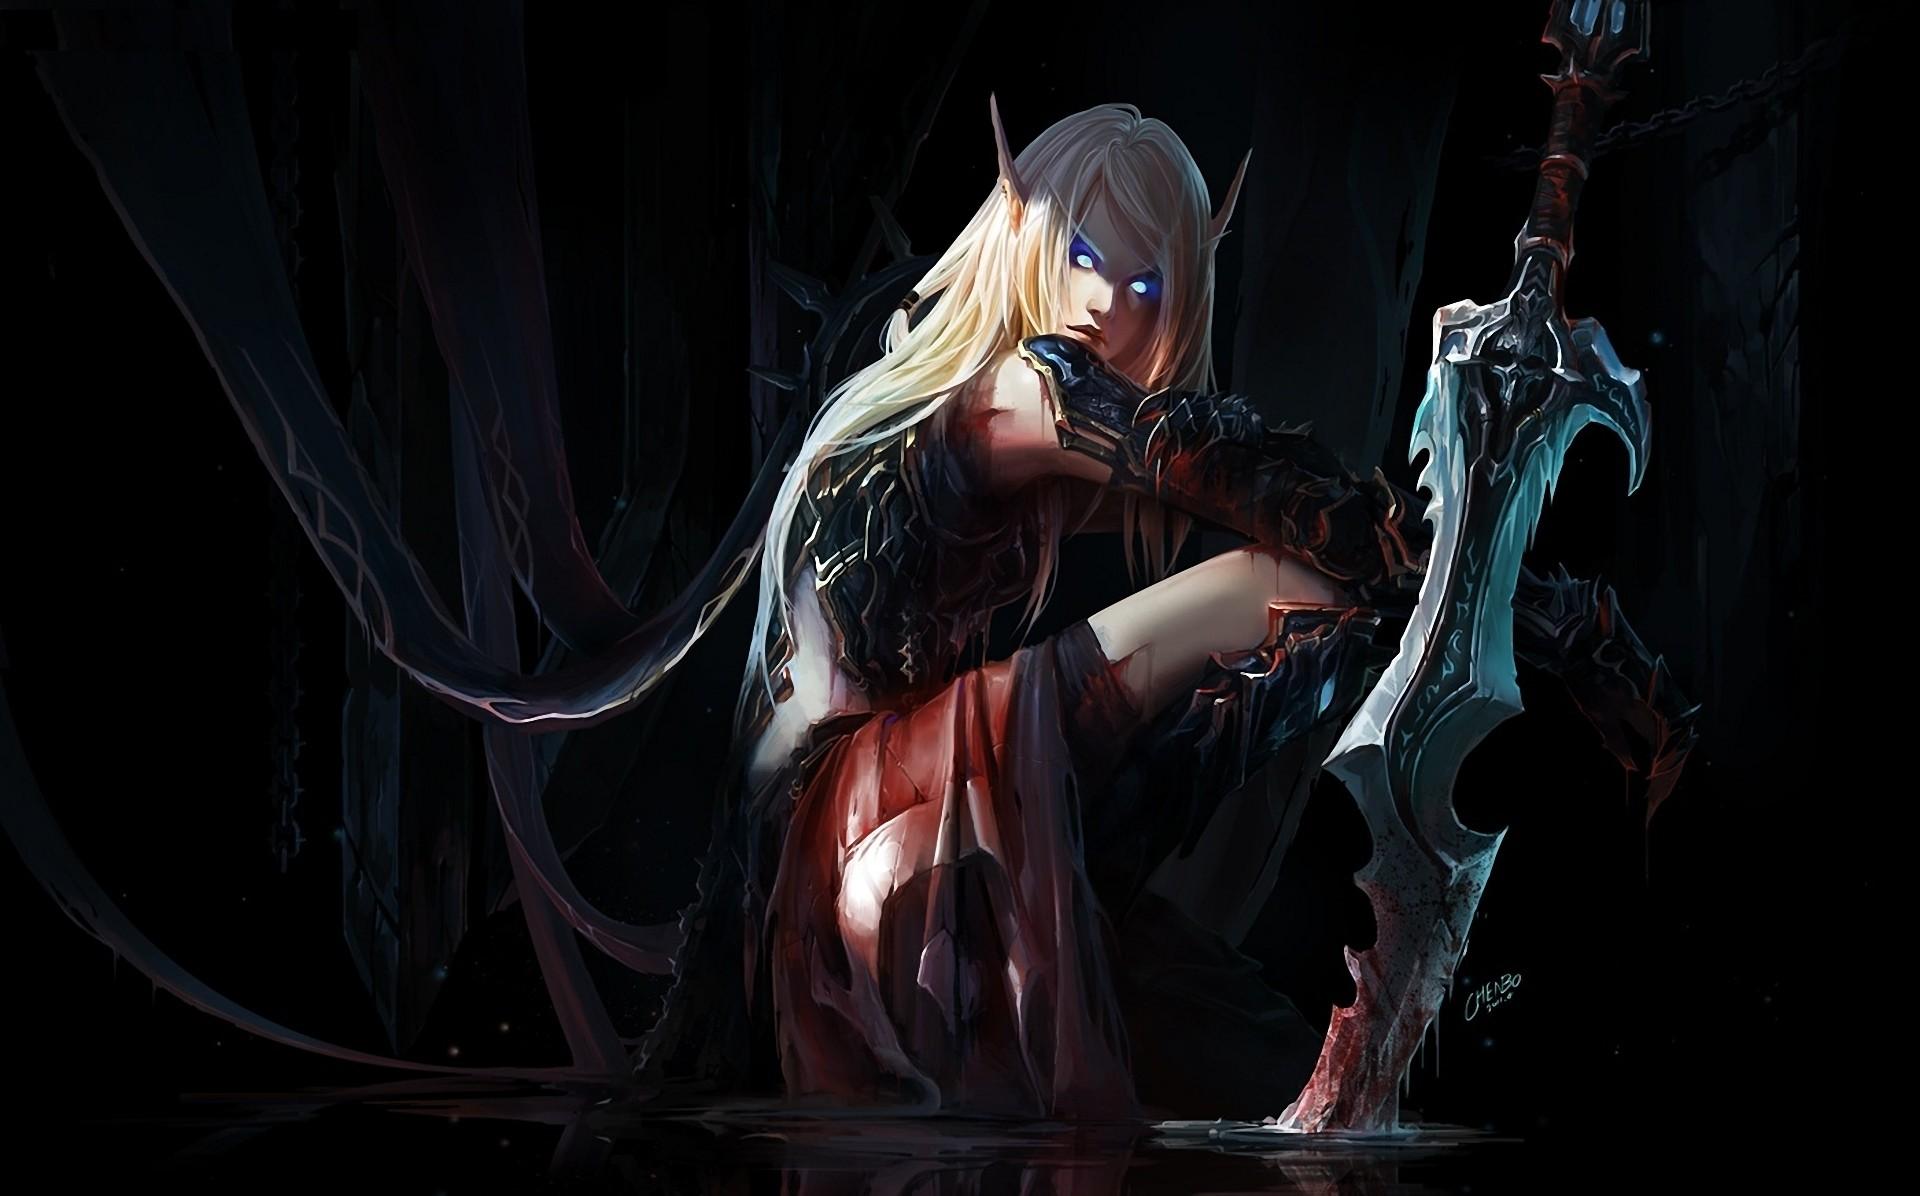 Elf Warrior, Blood Elf Death Knight, World of Warcraft wallpaper .